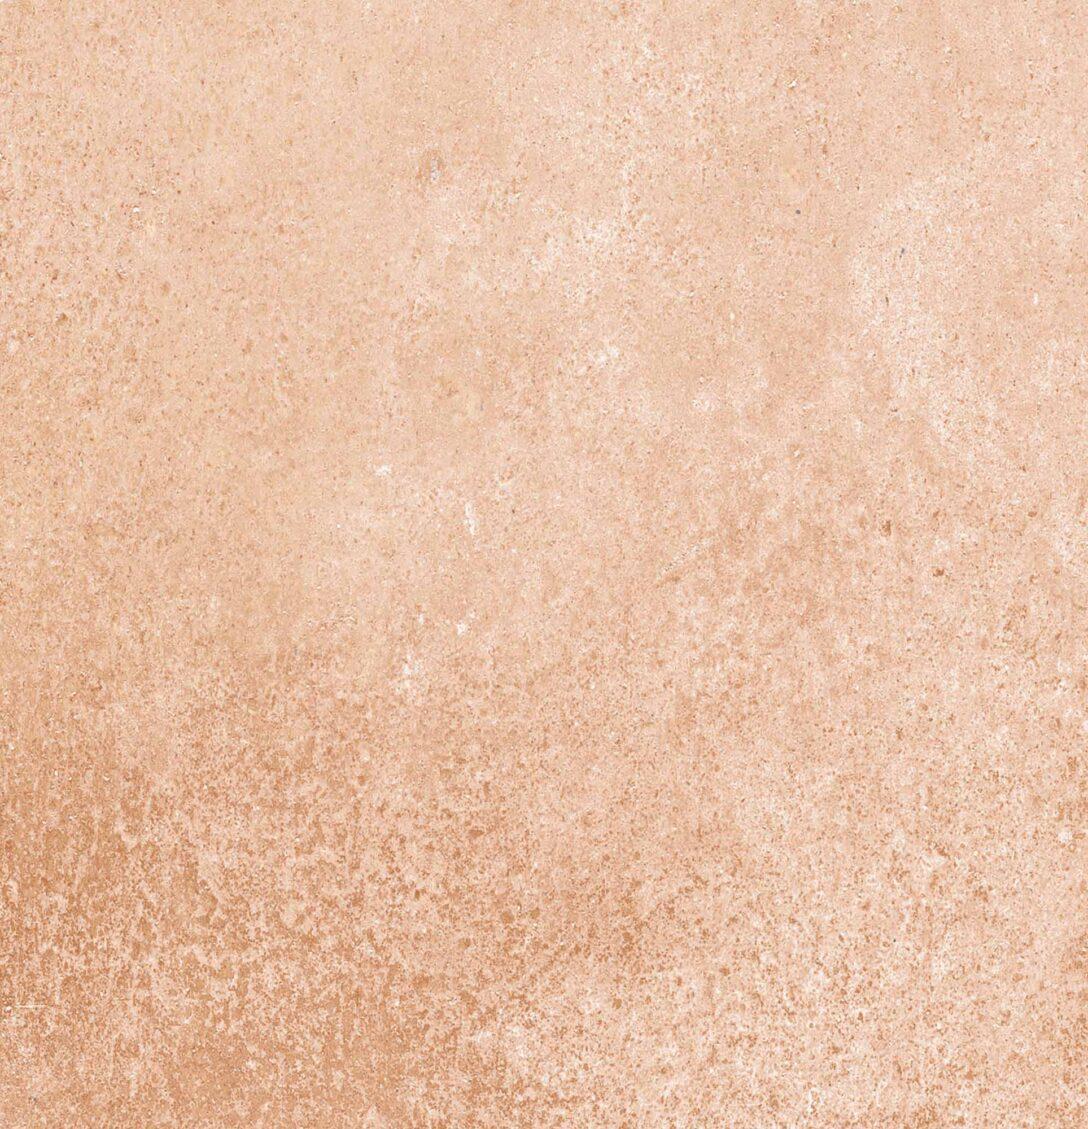 Large Size of Prato Bodenfliese 60x60cm Atala Fliesen Und Sanitrhandel Berlin Landhaus Regal Weiß Küche Fenster Landhausküche Gebraucht Landhausstil Bad Bodenfliesen Sofa Wohnzimmer Bodenfliesen Landhaus